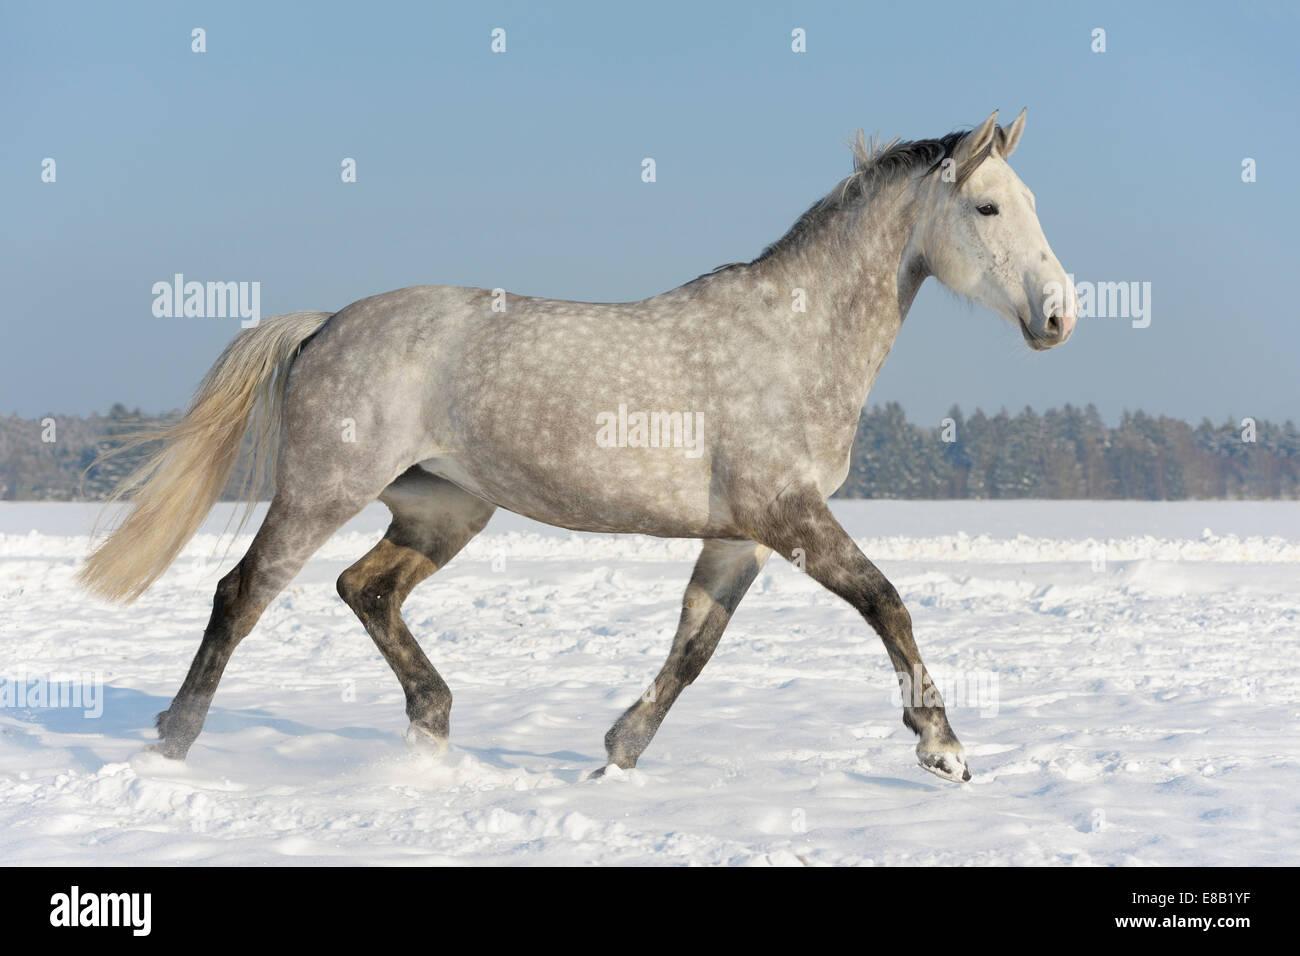 Cheval français (Selle Français) dans le champ d'hiver Photo Stock